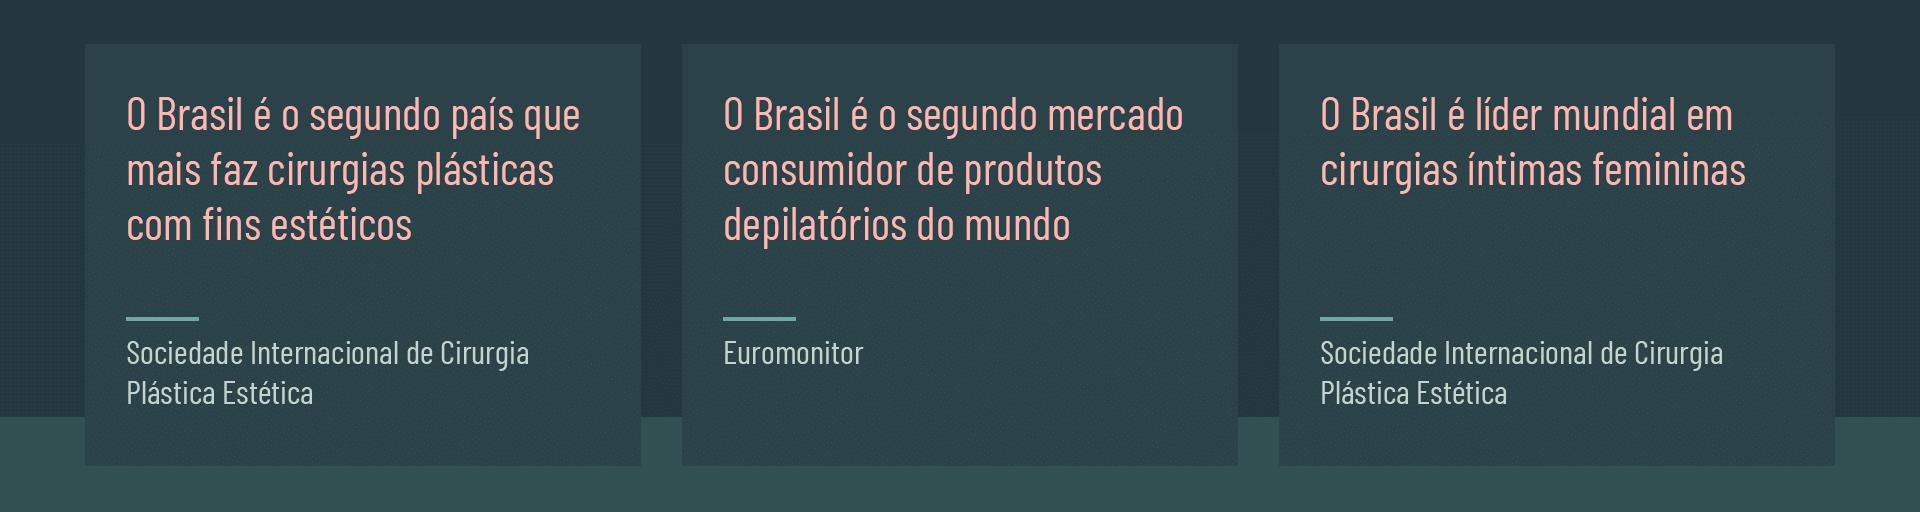 Ser mulher no Brasil é rejeitar o próprio corpo 91f6e019da849